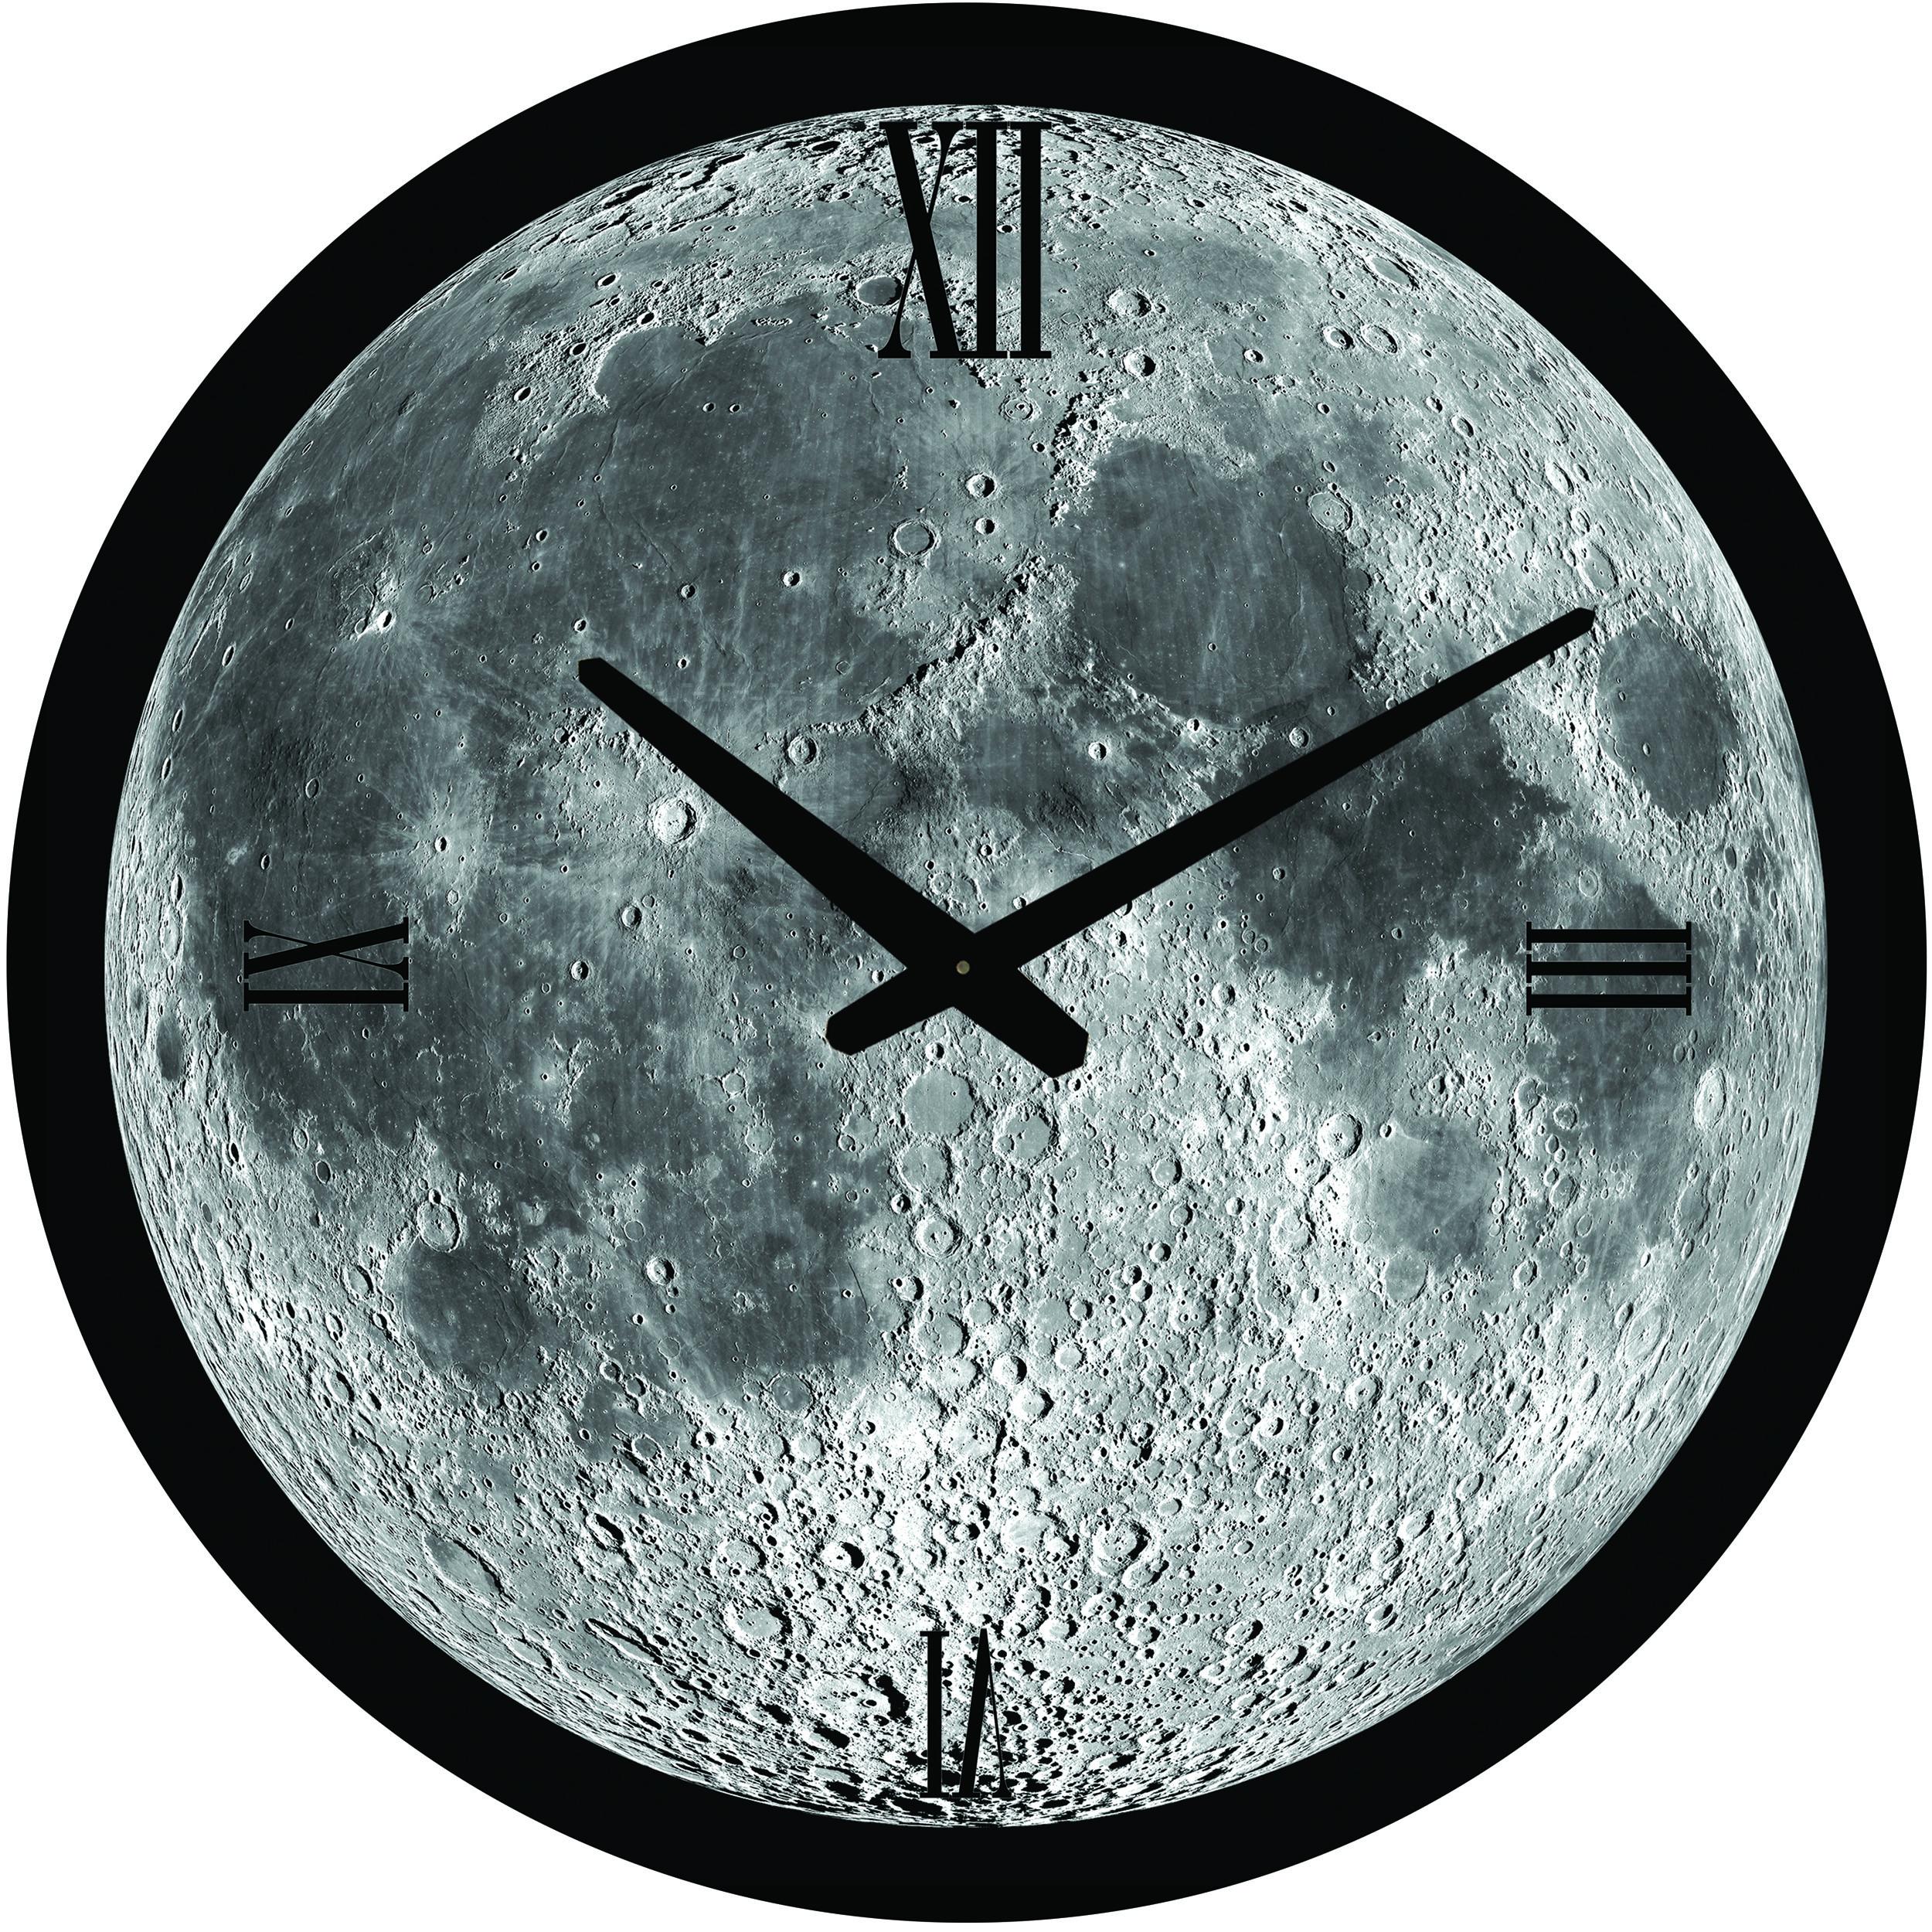 خرید ساعت دیواری پرسناژ مدل ماه C56